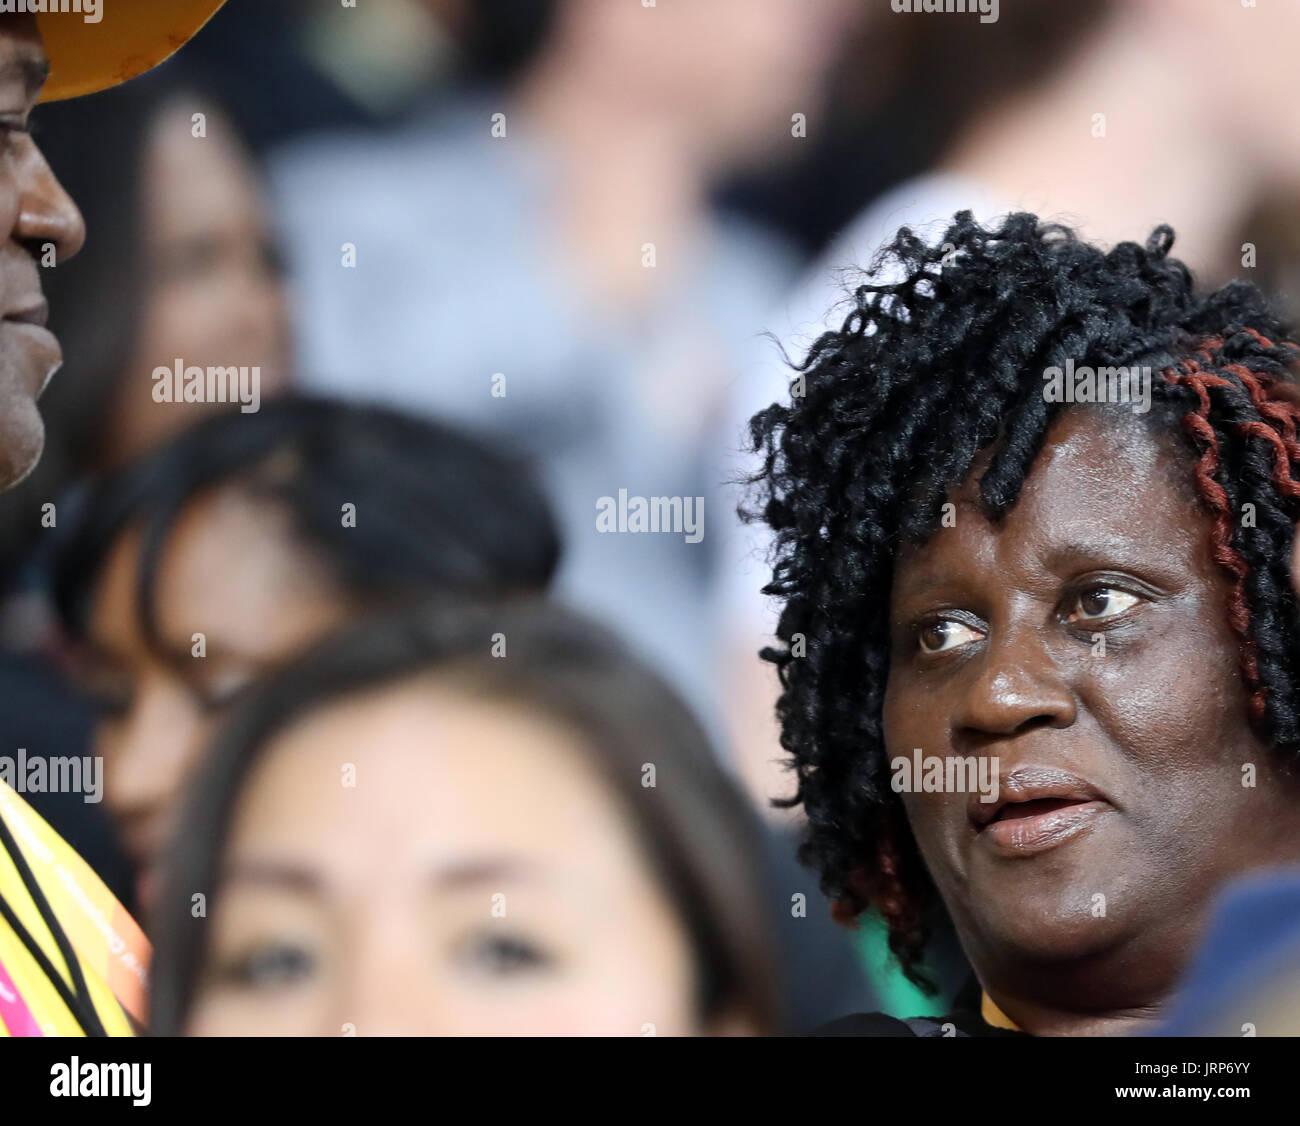 London, UK. 5. August 2017. Superstar Sprinter Usain Bolt (Wellesley Bolt) Vater und Mutter (Jennifer Bolt) Aktie einen Blick in die vollen Tribünen beenden nach Zeugen ihres Sohnes letzten Rennende, mit ihm vor der Tür kurz für golden erwartet. Die Menschenmenge Favorit, legendäre jamaikanische Sprinterin, in seinem letzten Solo-Track-Rennen, Usain 30 fertig 9.95, n für die Bronze in 100 Meter der Herren bei der Weltmeisterschaft der IAAF 2017. Bildnachweis: Scott Mc Kiernan/ZUMA Draht/Alamy Live-Nachrichten Stockbild